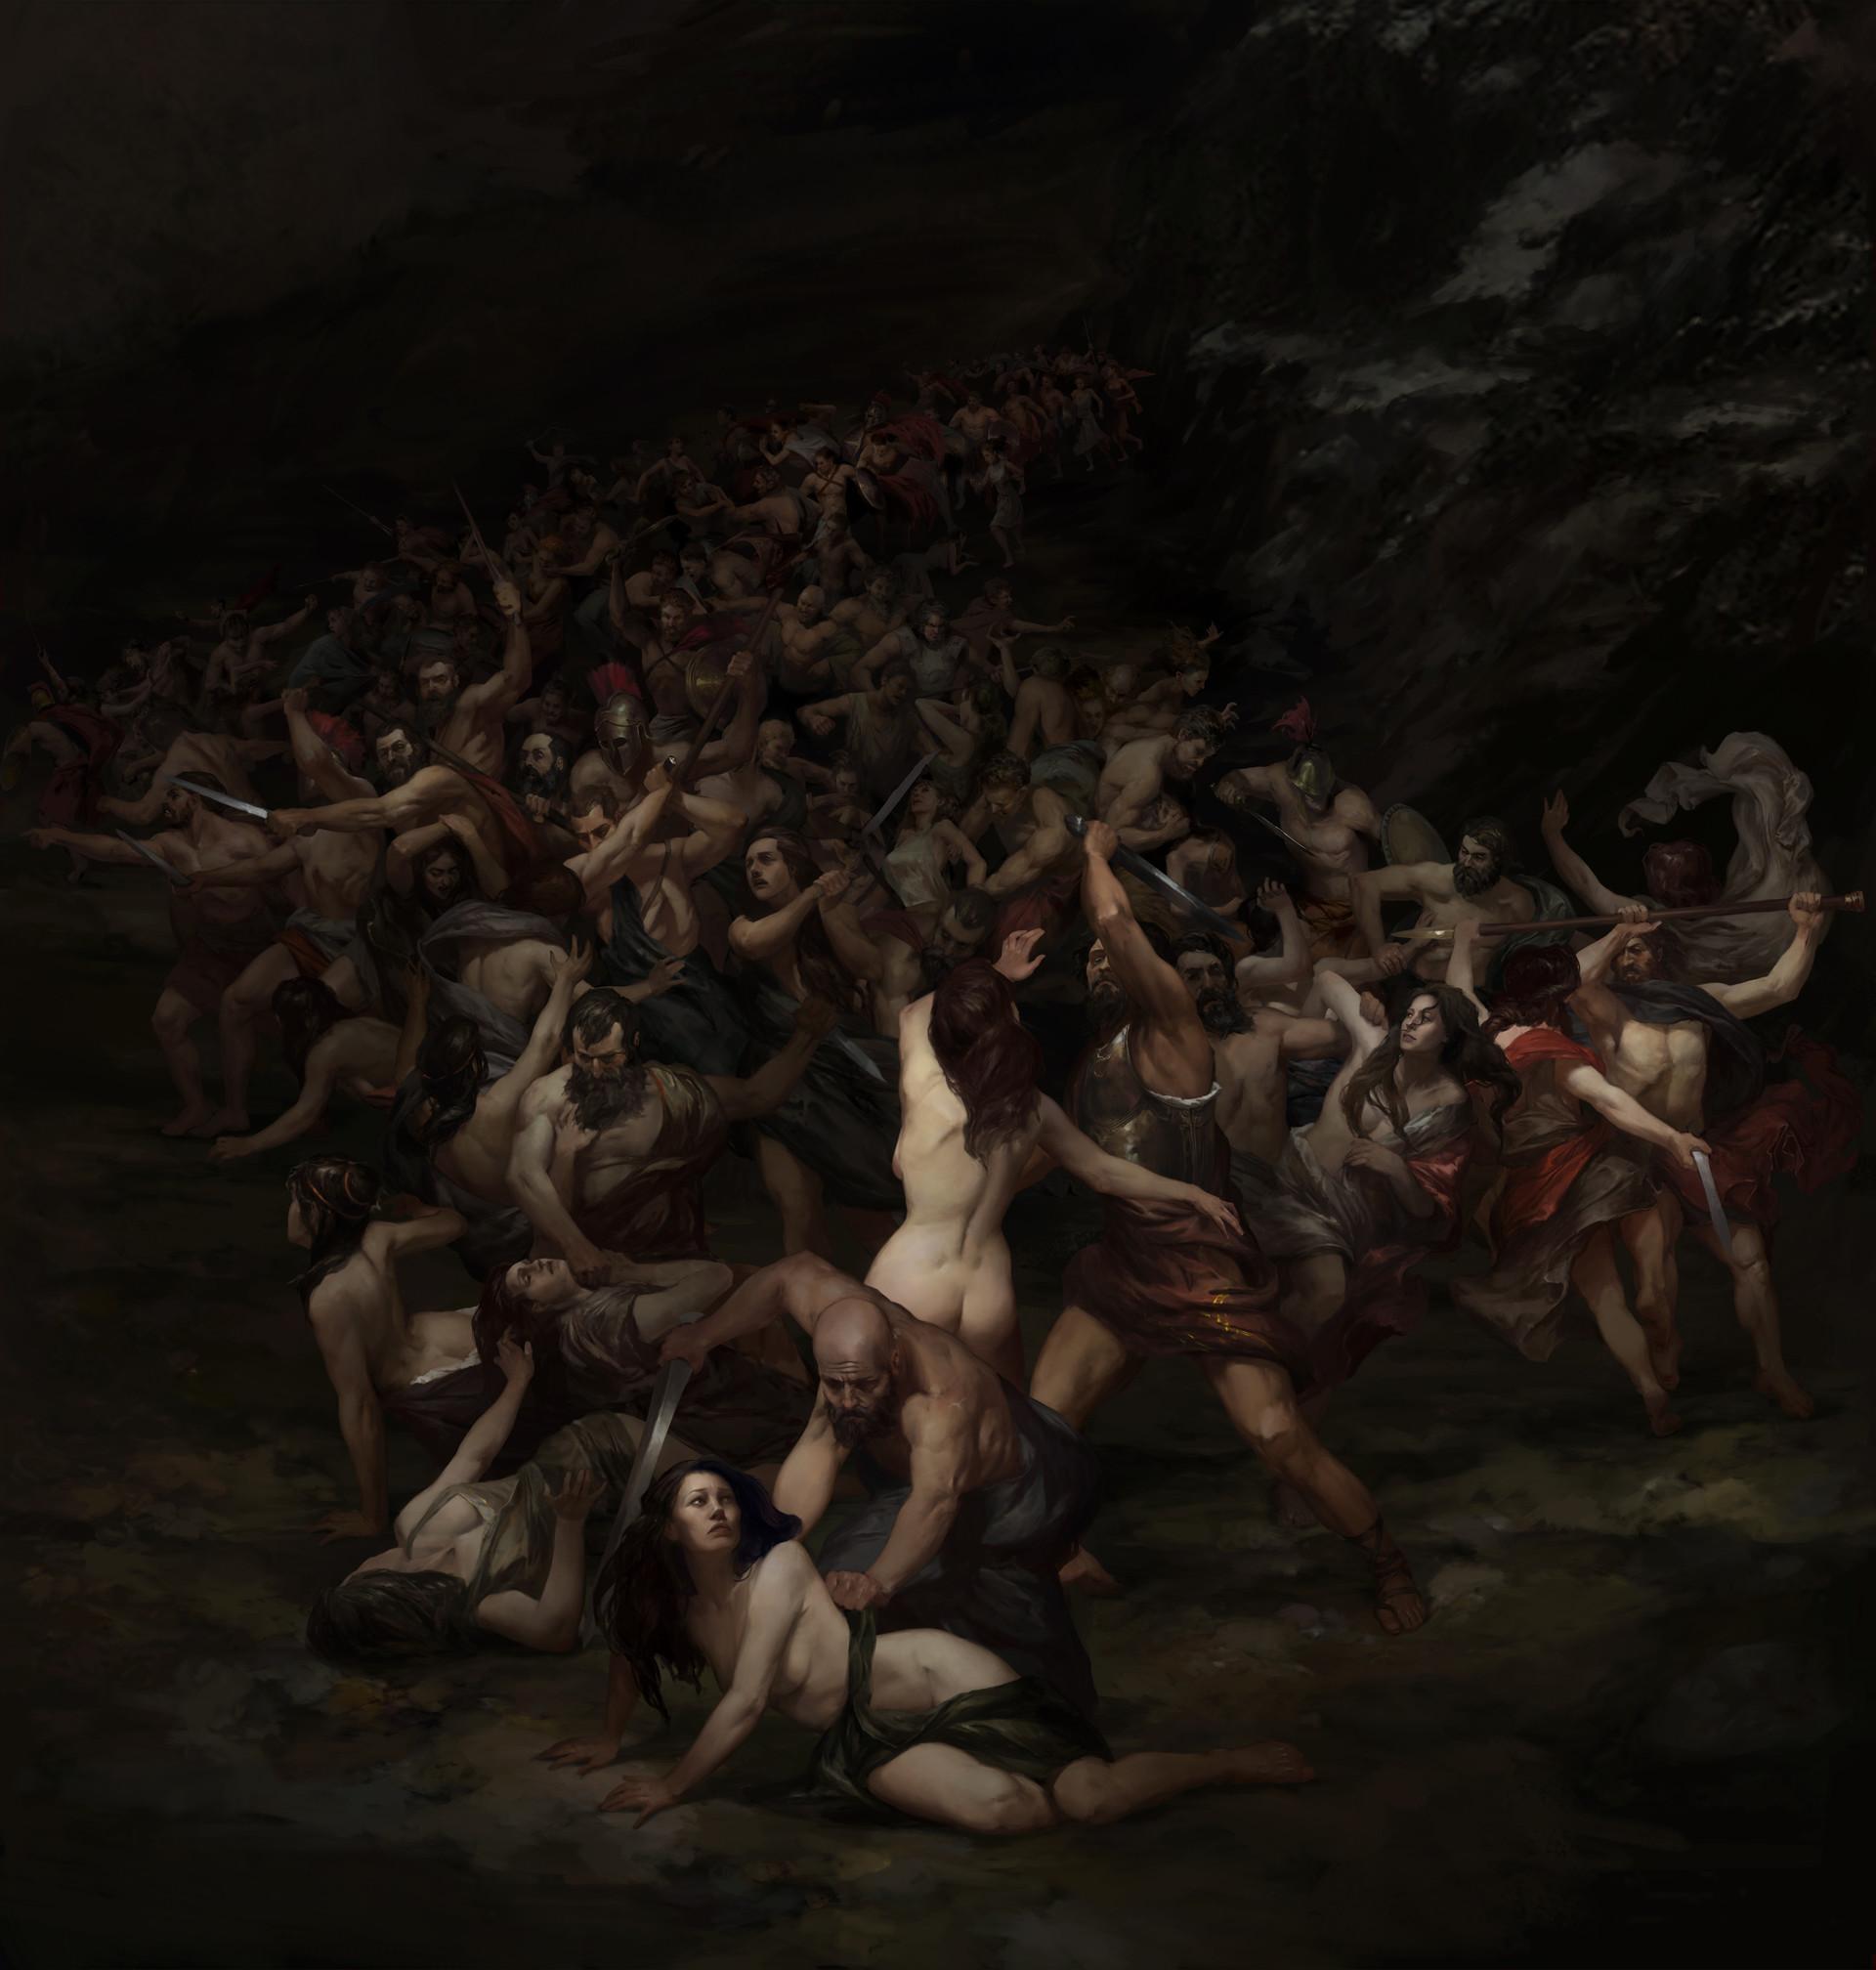 houston-sharp-07-asc-ww-historypainting-betrayal-v15